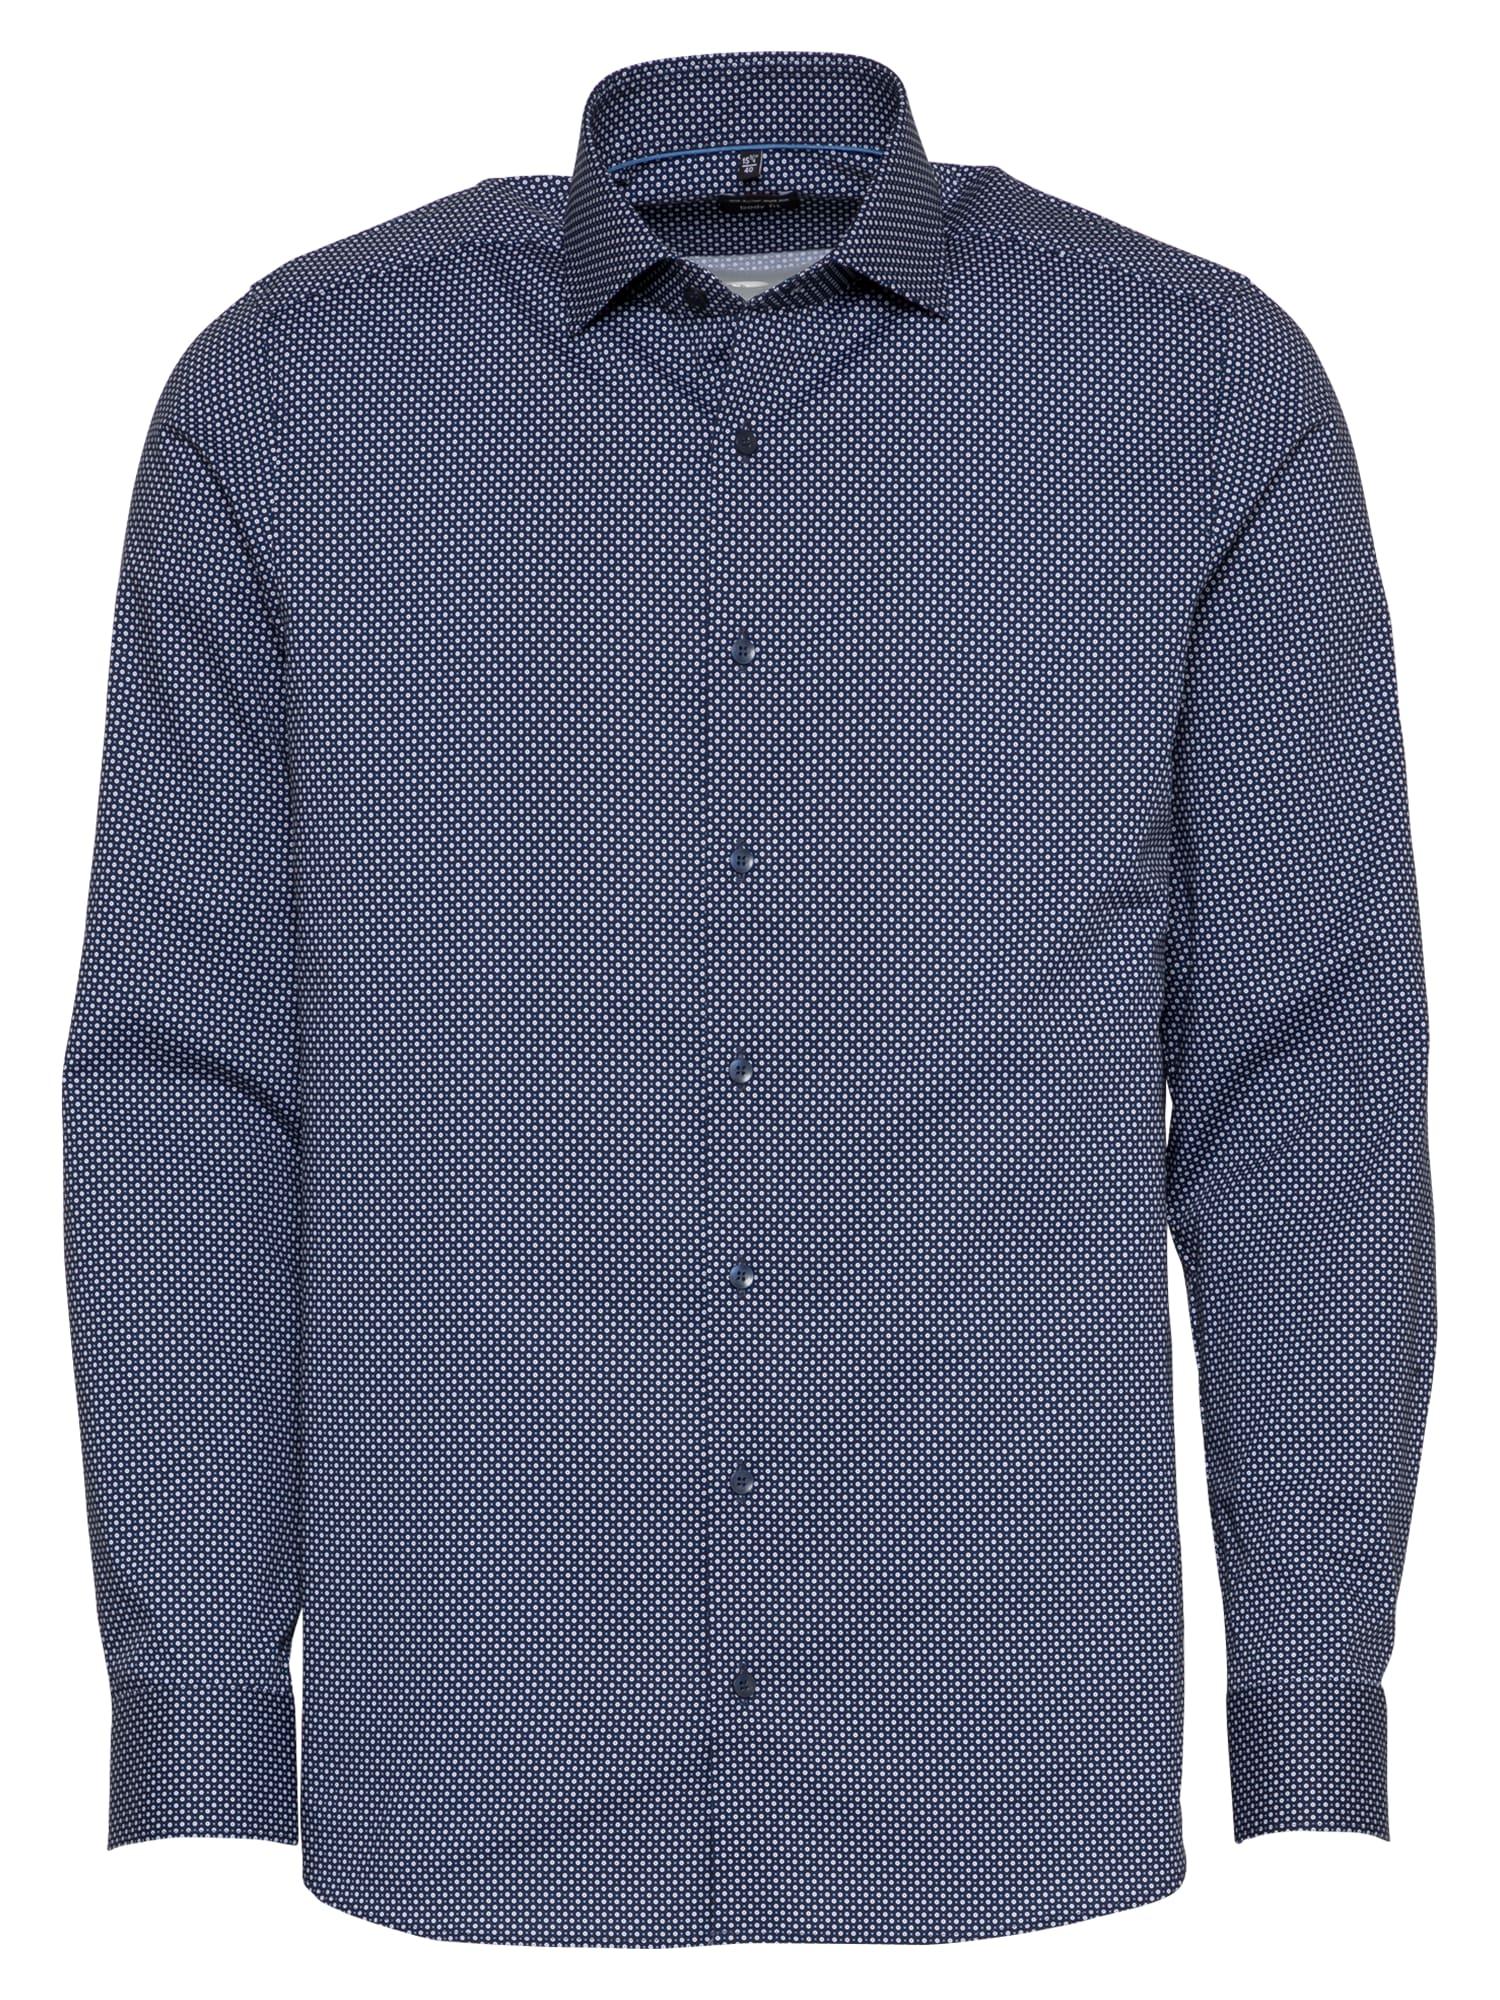 OLYMP Marškiniai tamsiai mėlyna jūros spalva / balta / šviesiai mėlyna